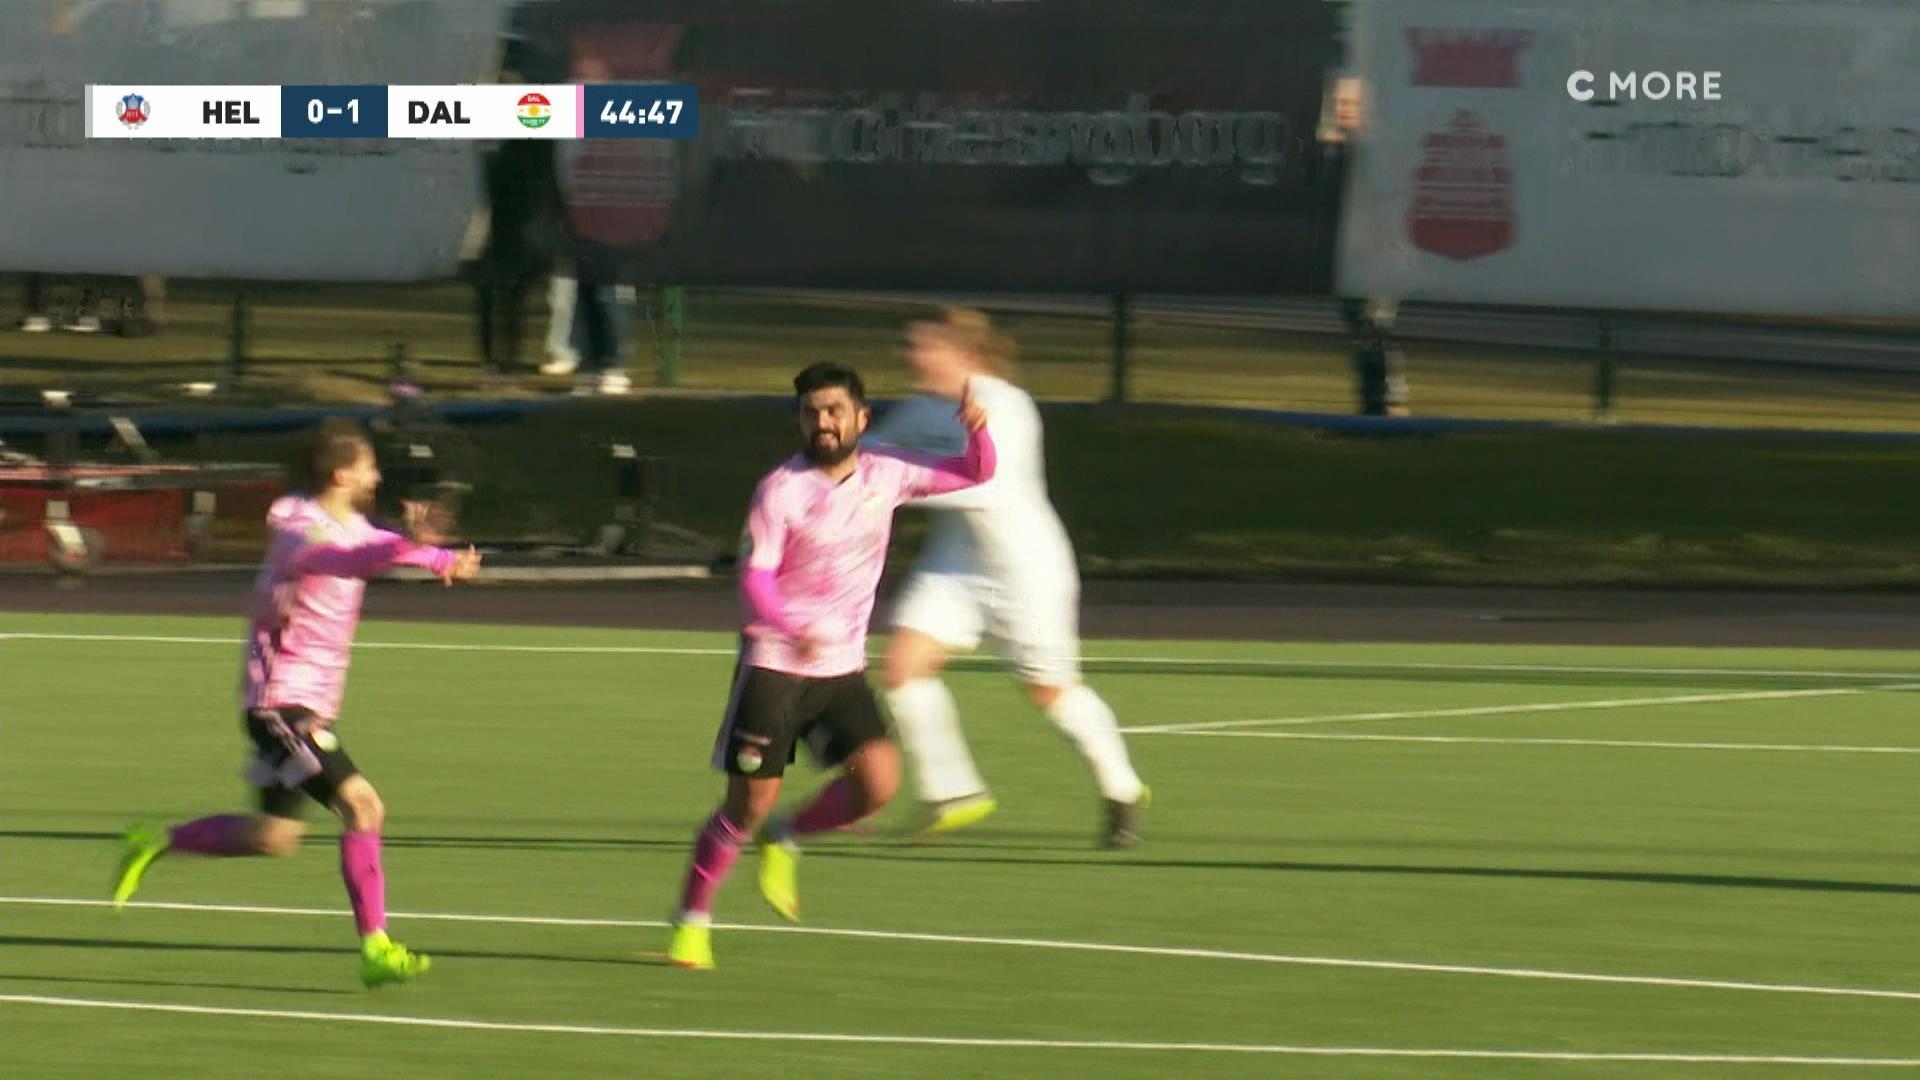 Dråpligt försvarsspel när Dalkurd utökar mot Helsingborg